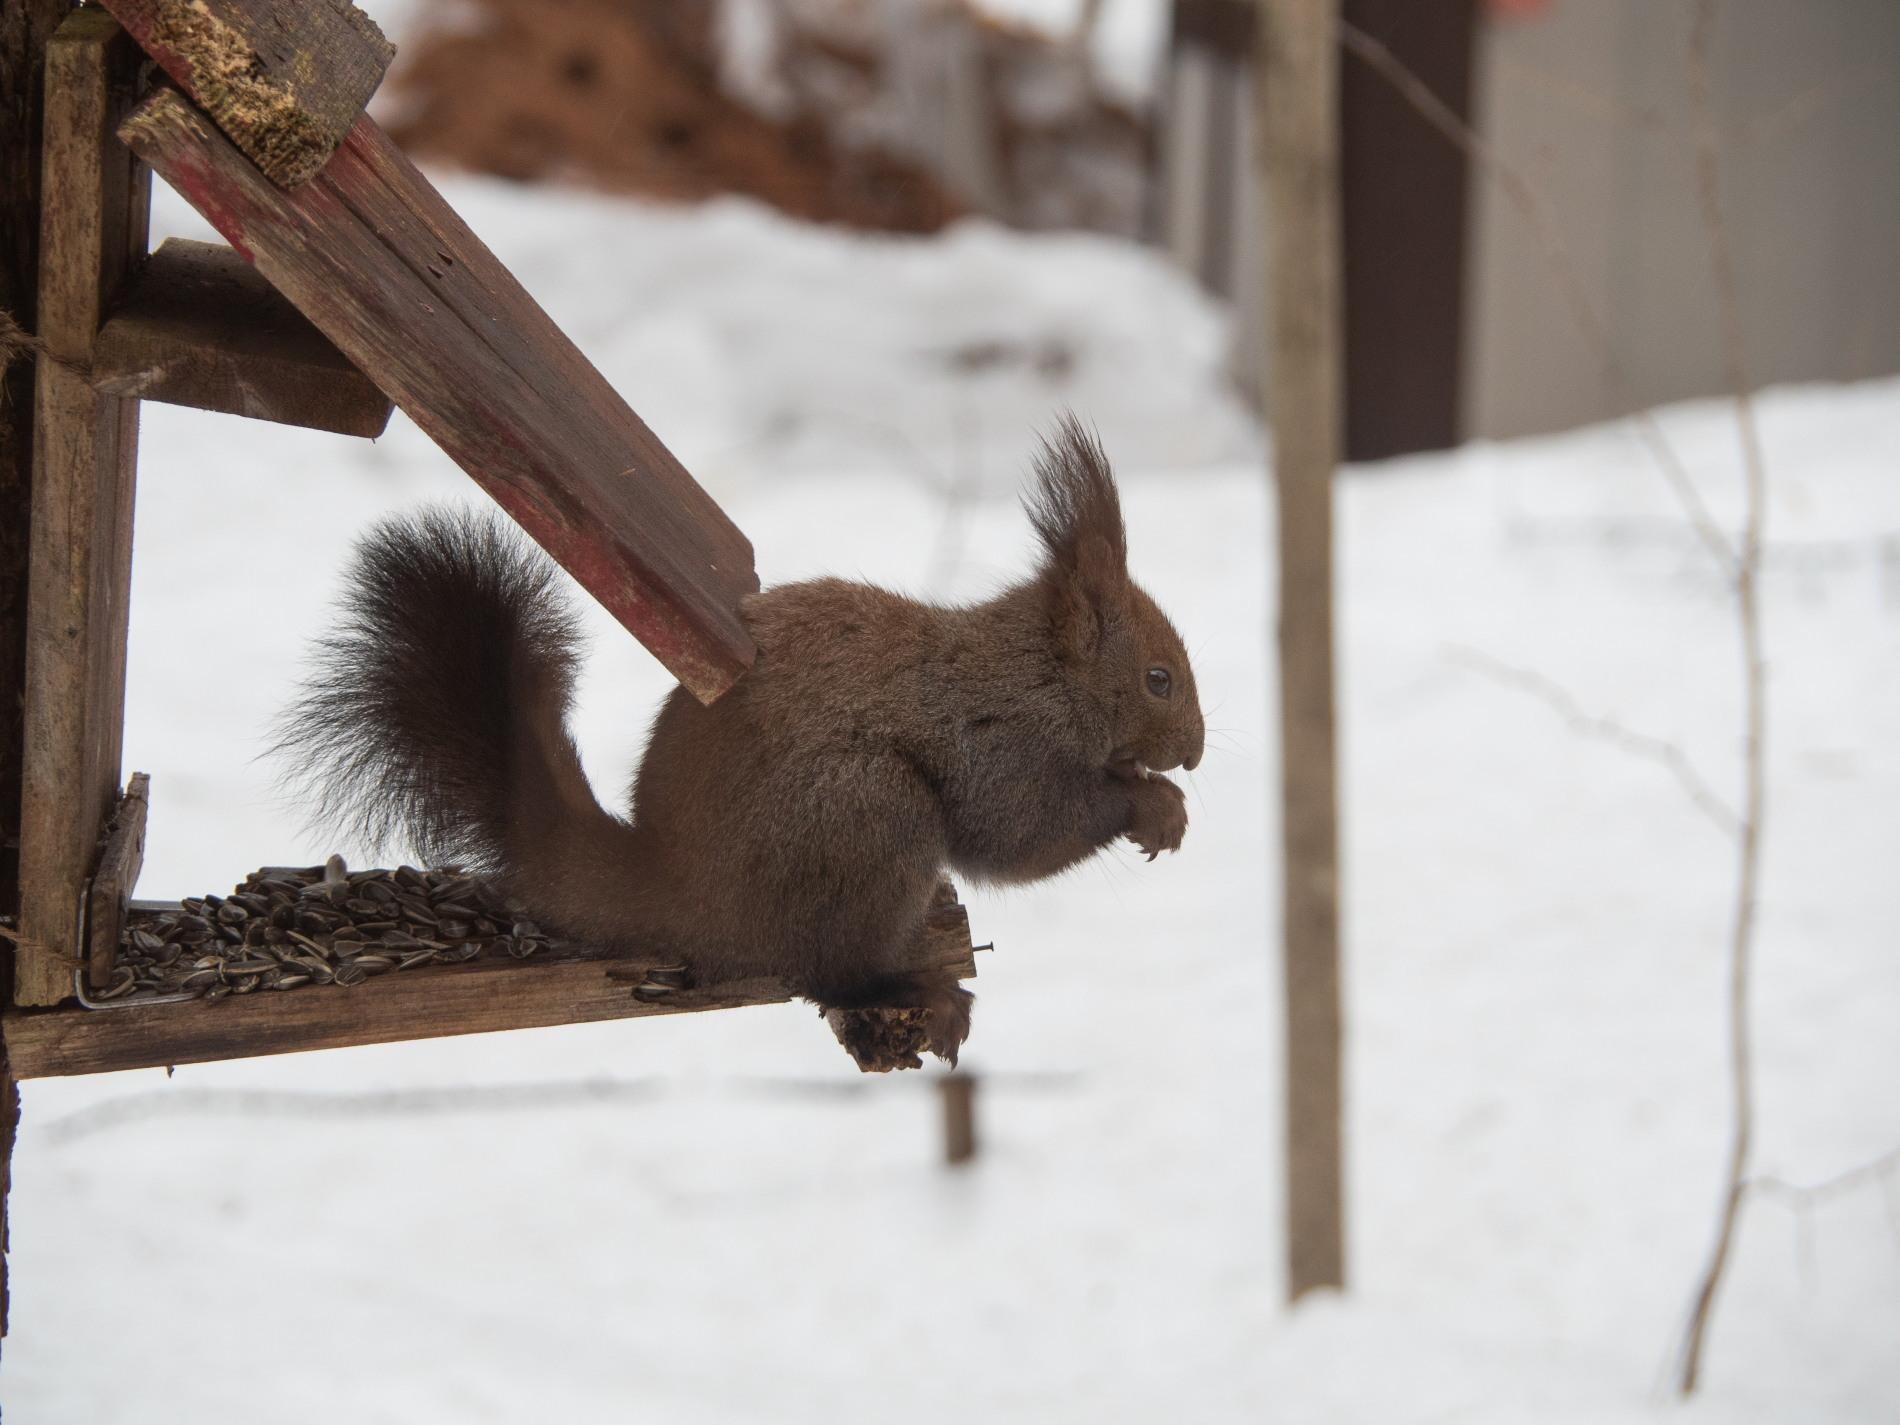 """エゾリス君も驚きます・・春を告げる""""屋根からの落雪""""_f0276498_21361160.jpg"""